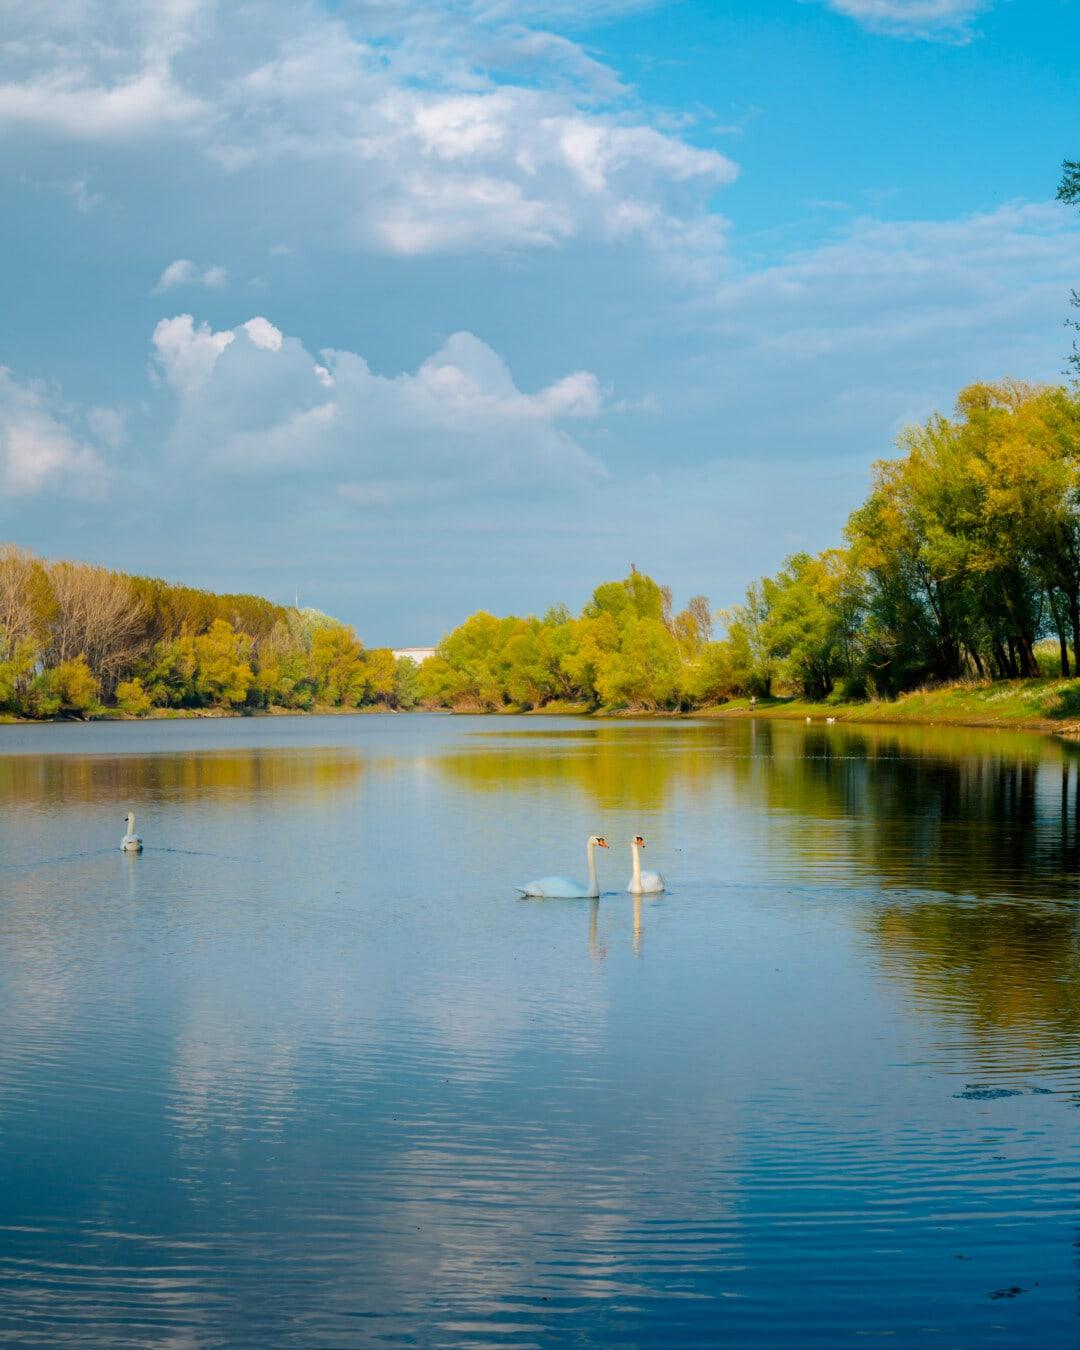 cygne, famille d'oiseaux, majestueux, au bord du lac, placide, paysage, forêt, réflexion, Lac, rivière